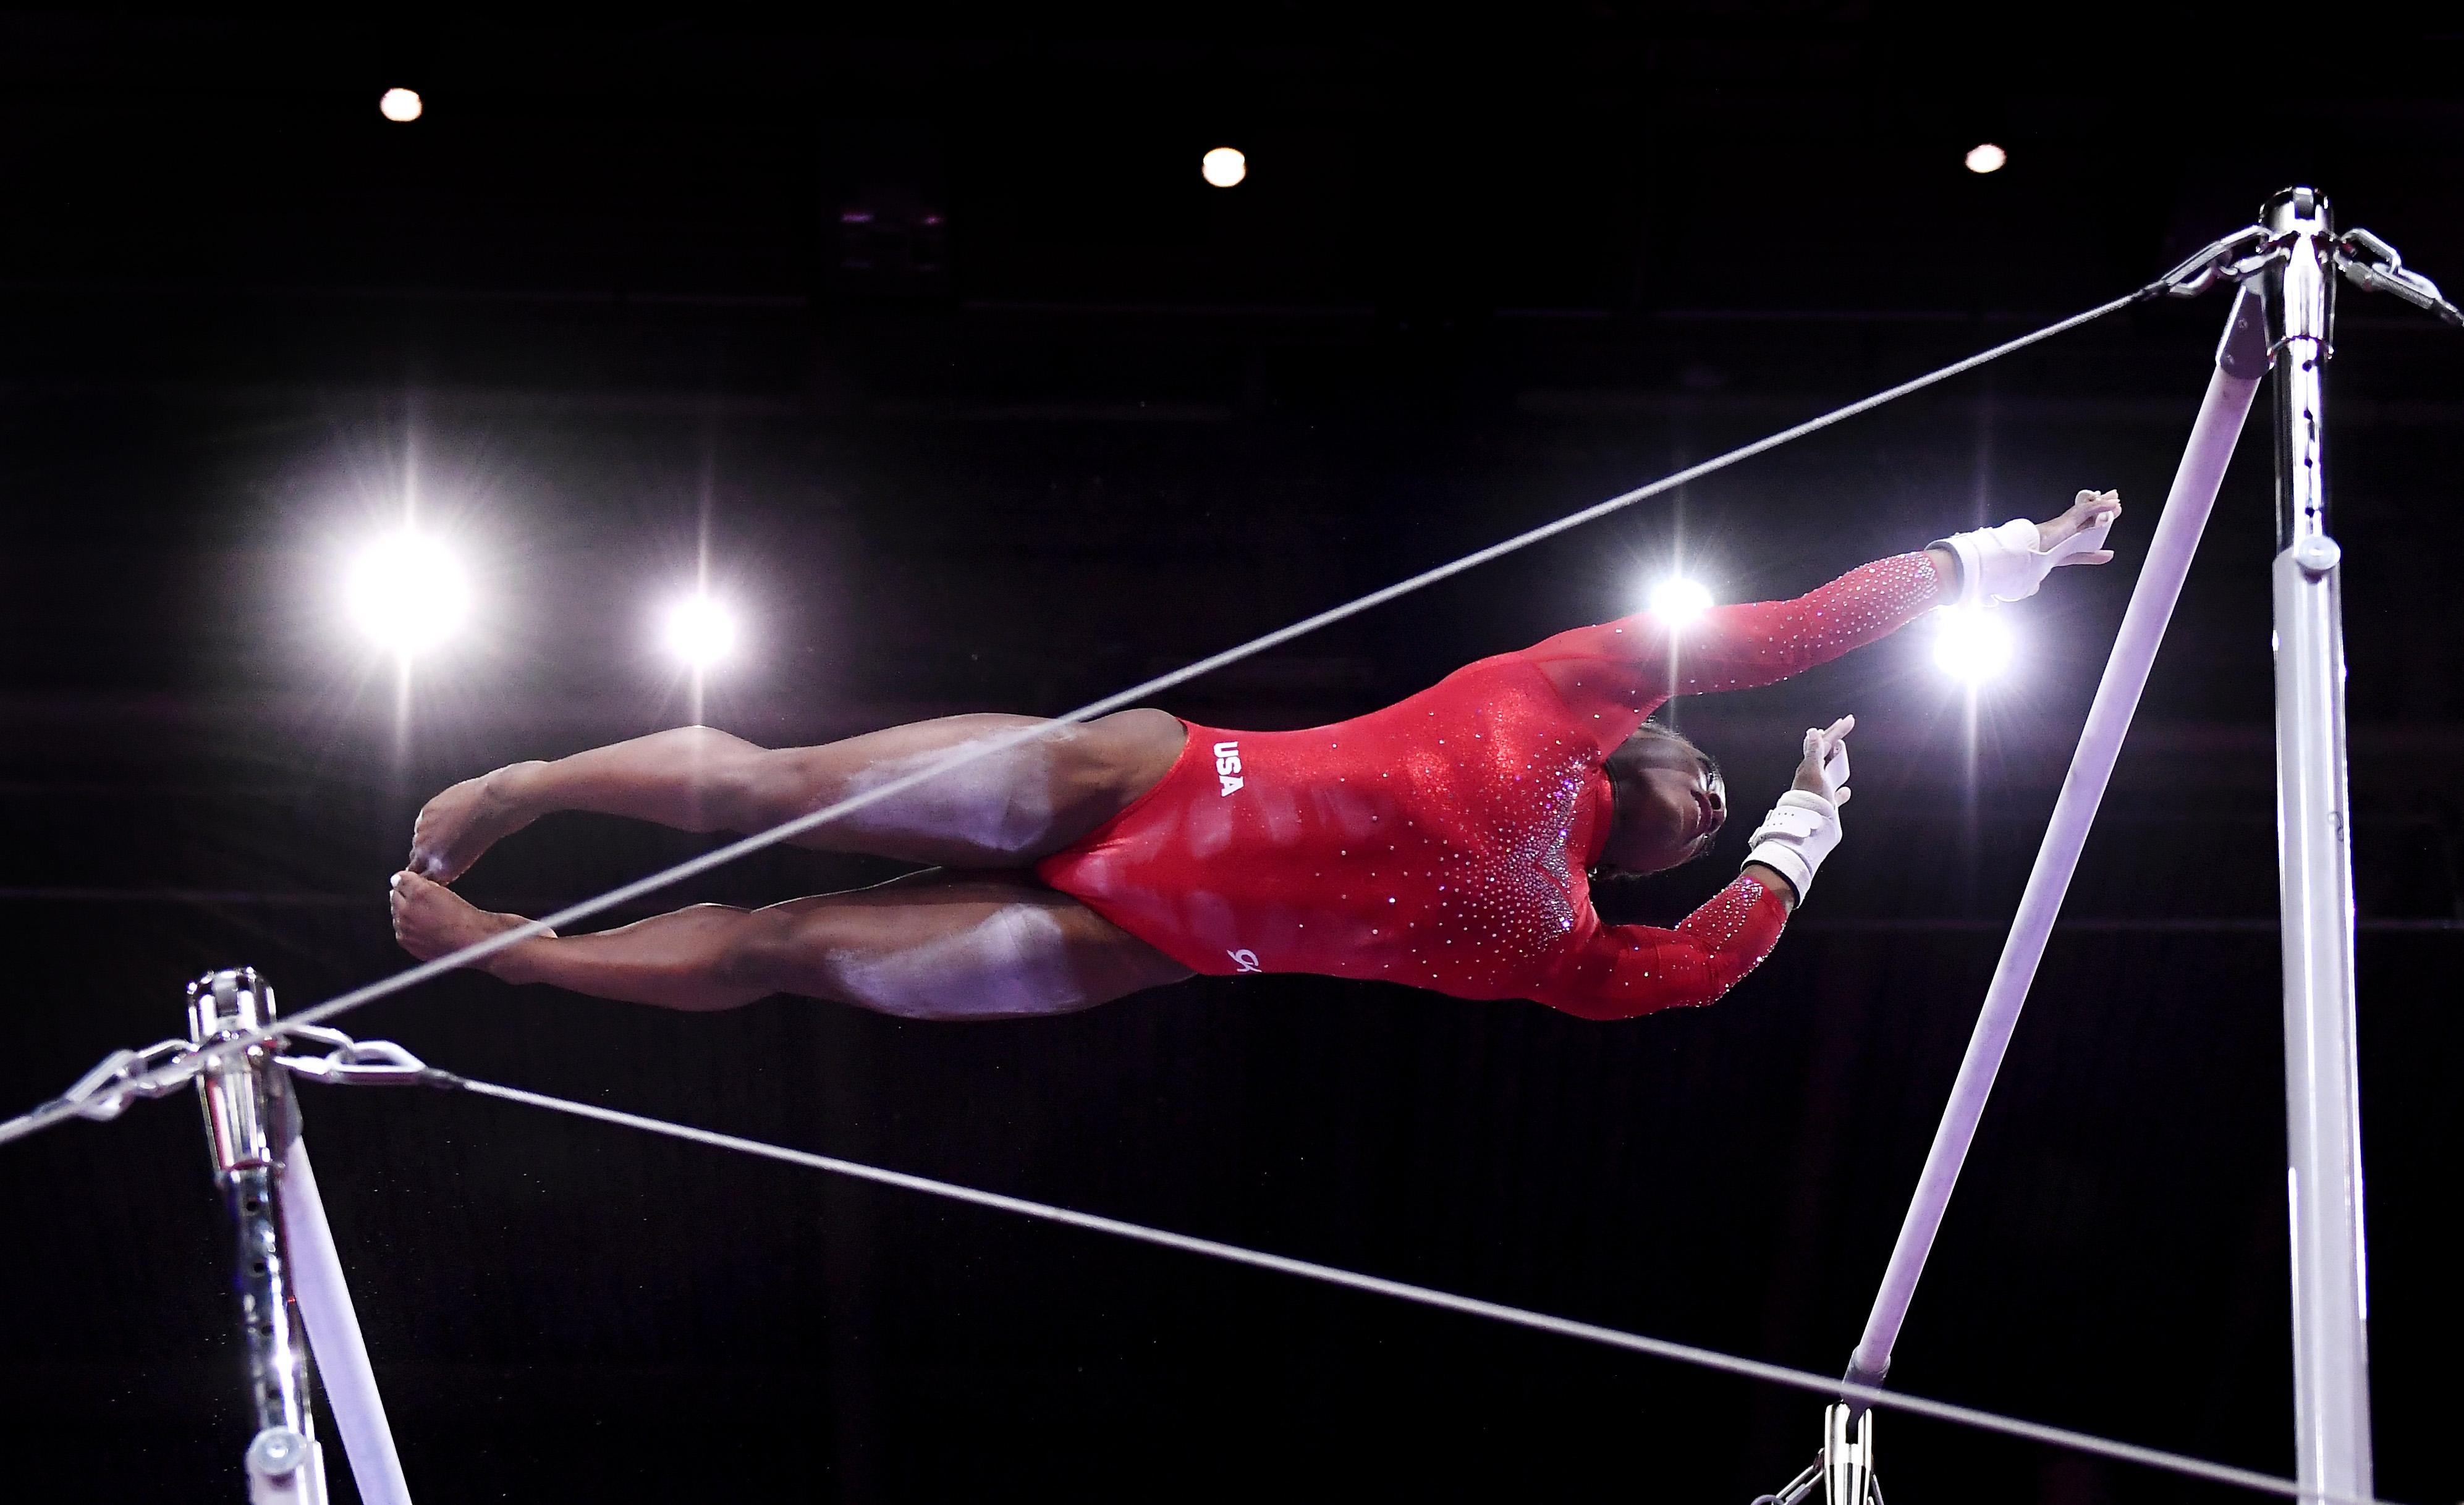 Американската гимнастичка Симон Байлс спечели 23-и медал от световните първенства,